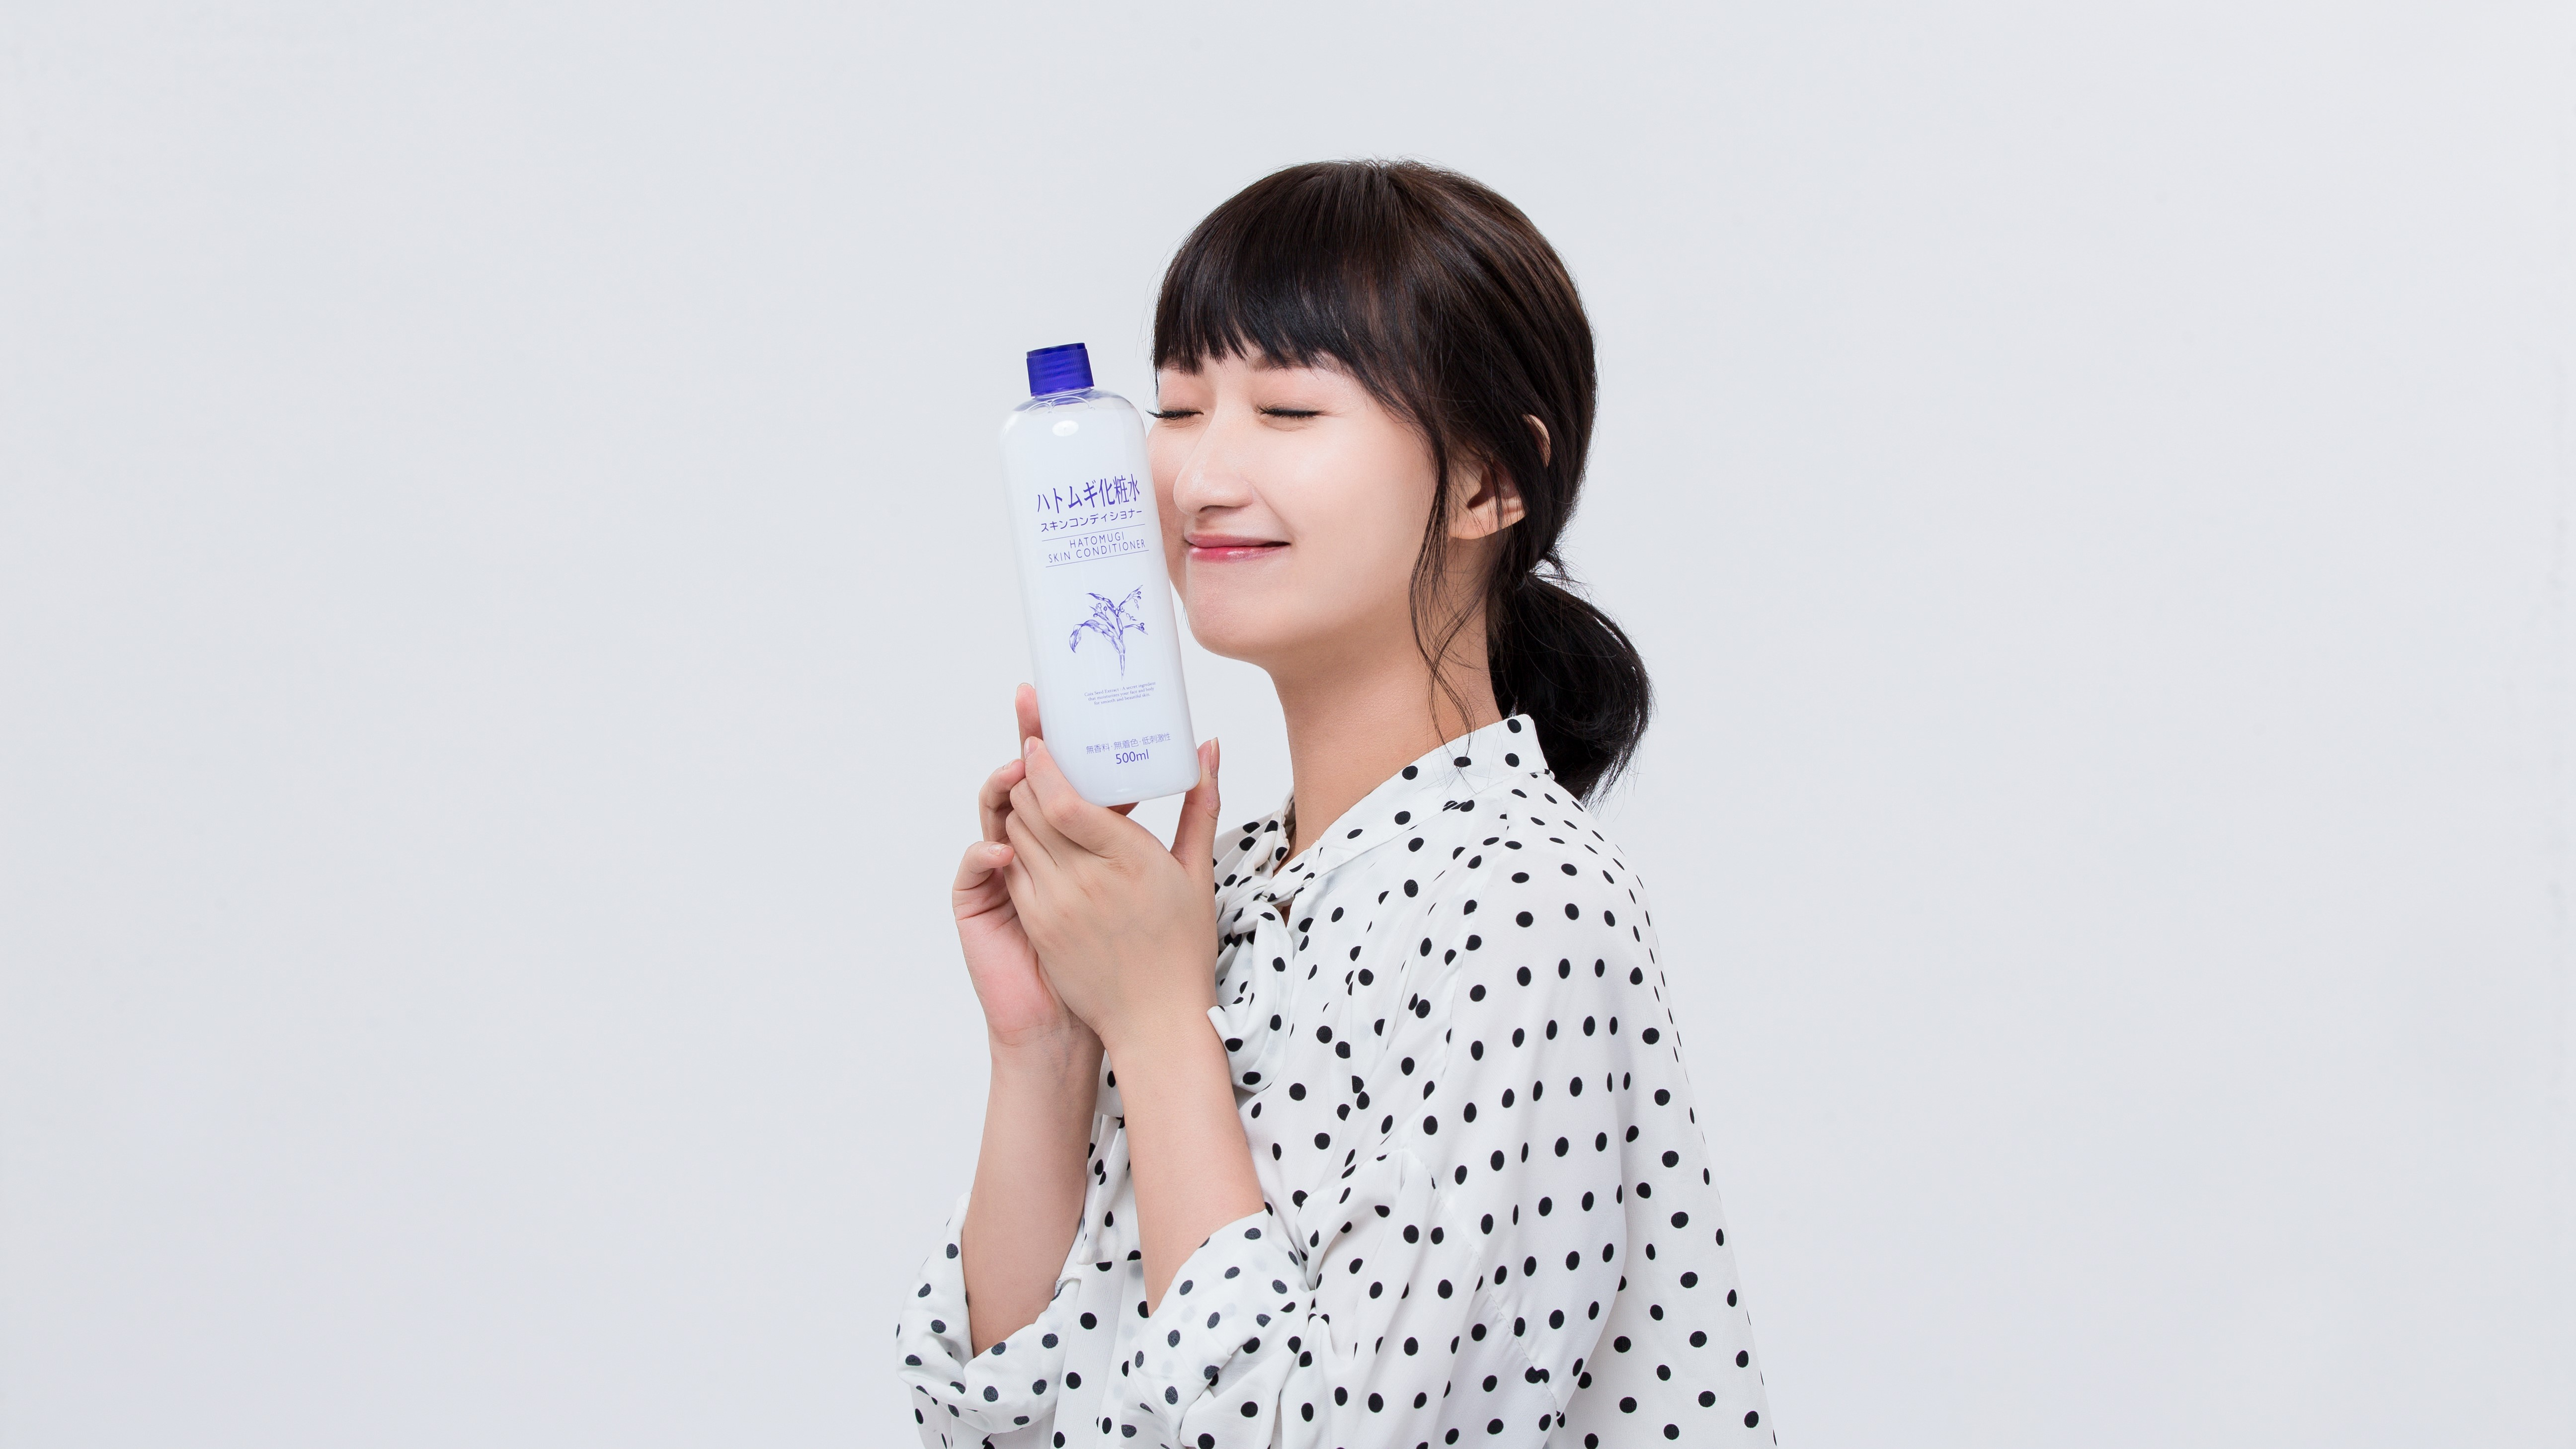 imju 薏仁清潤化妝水 媒體公關